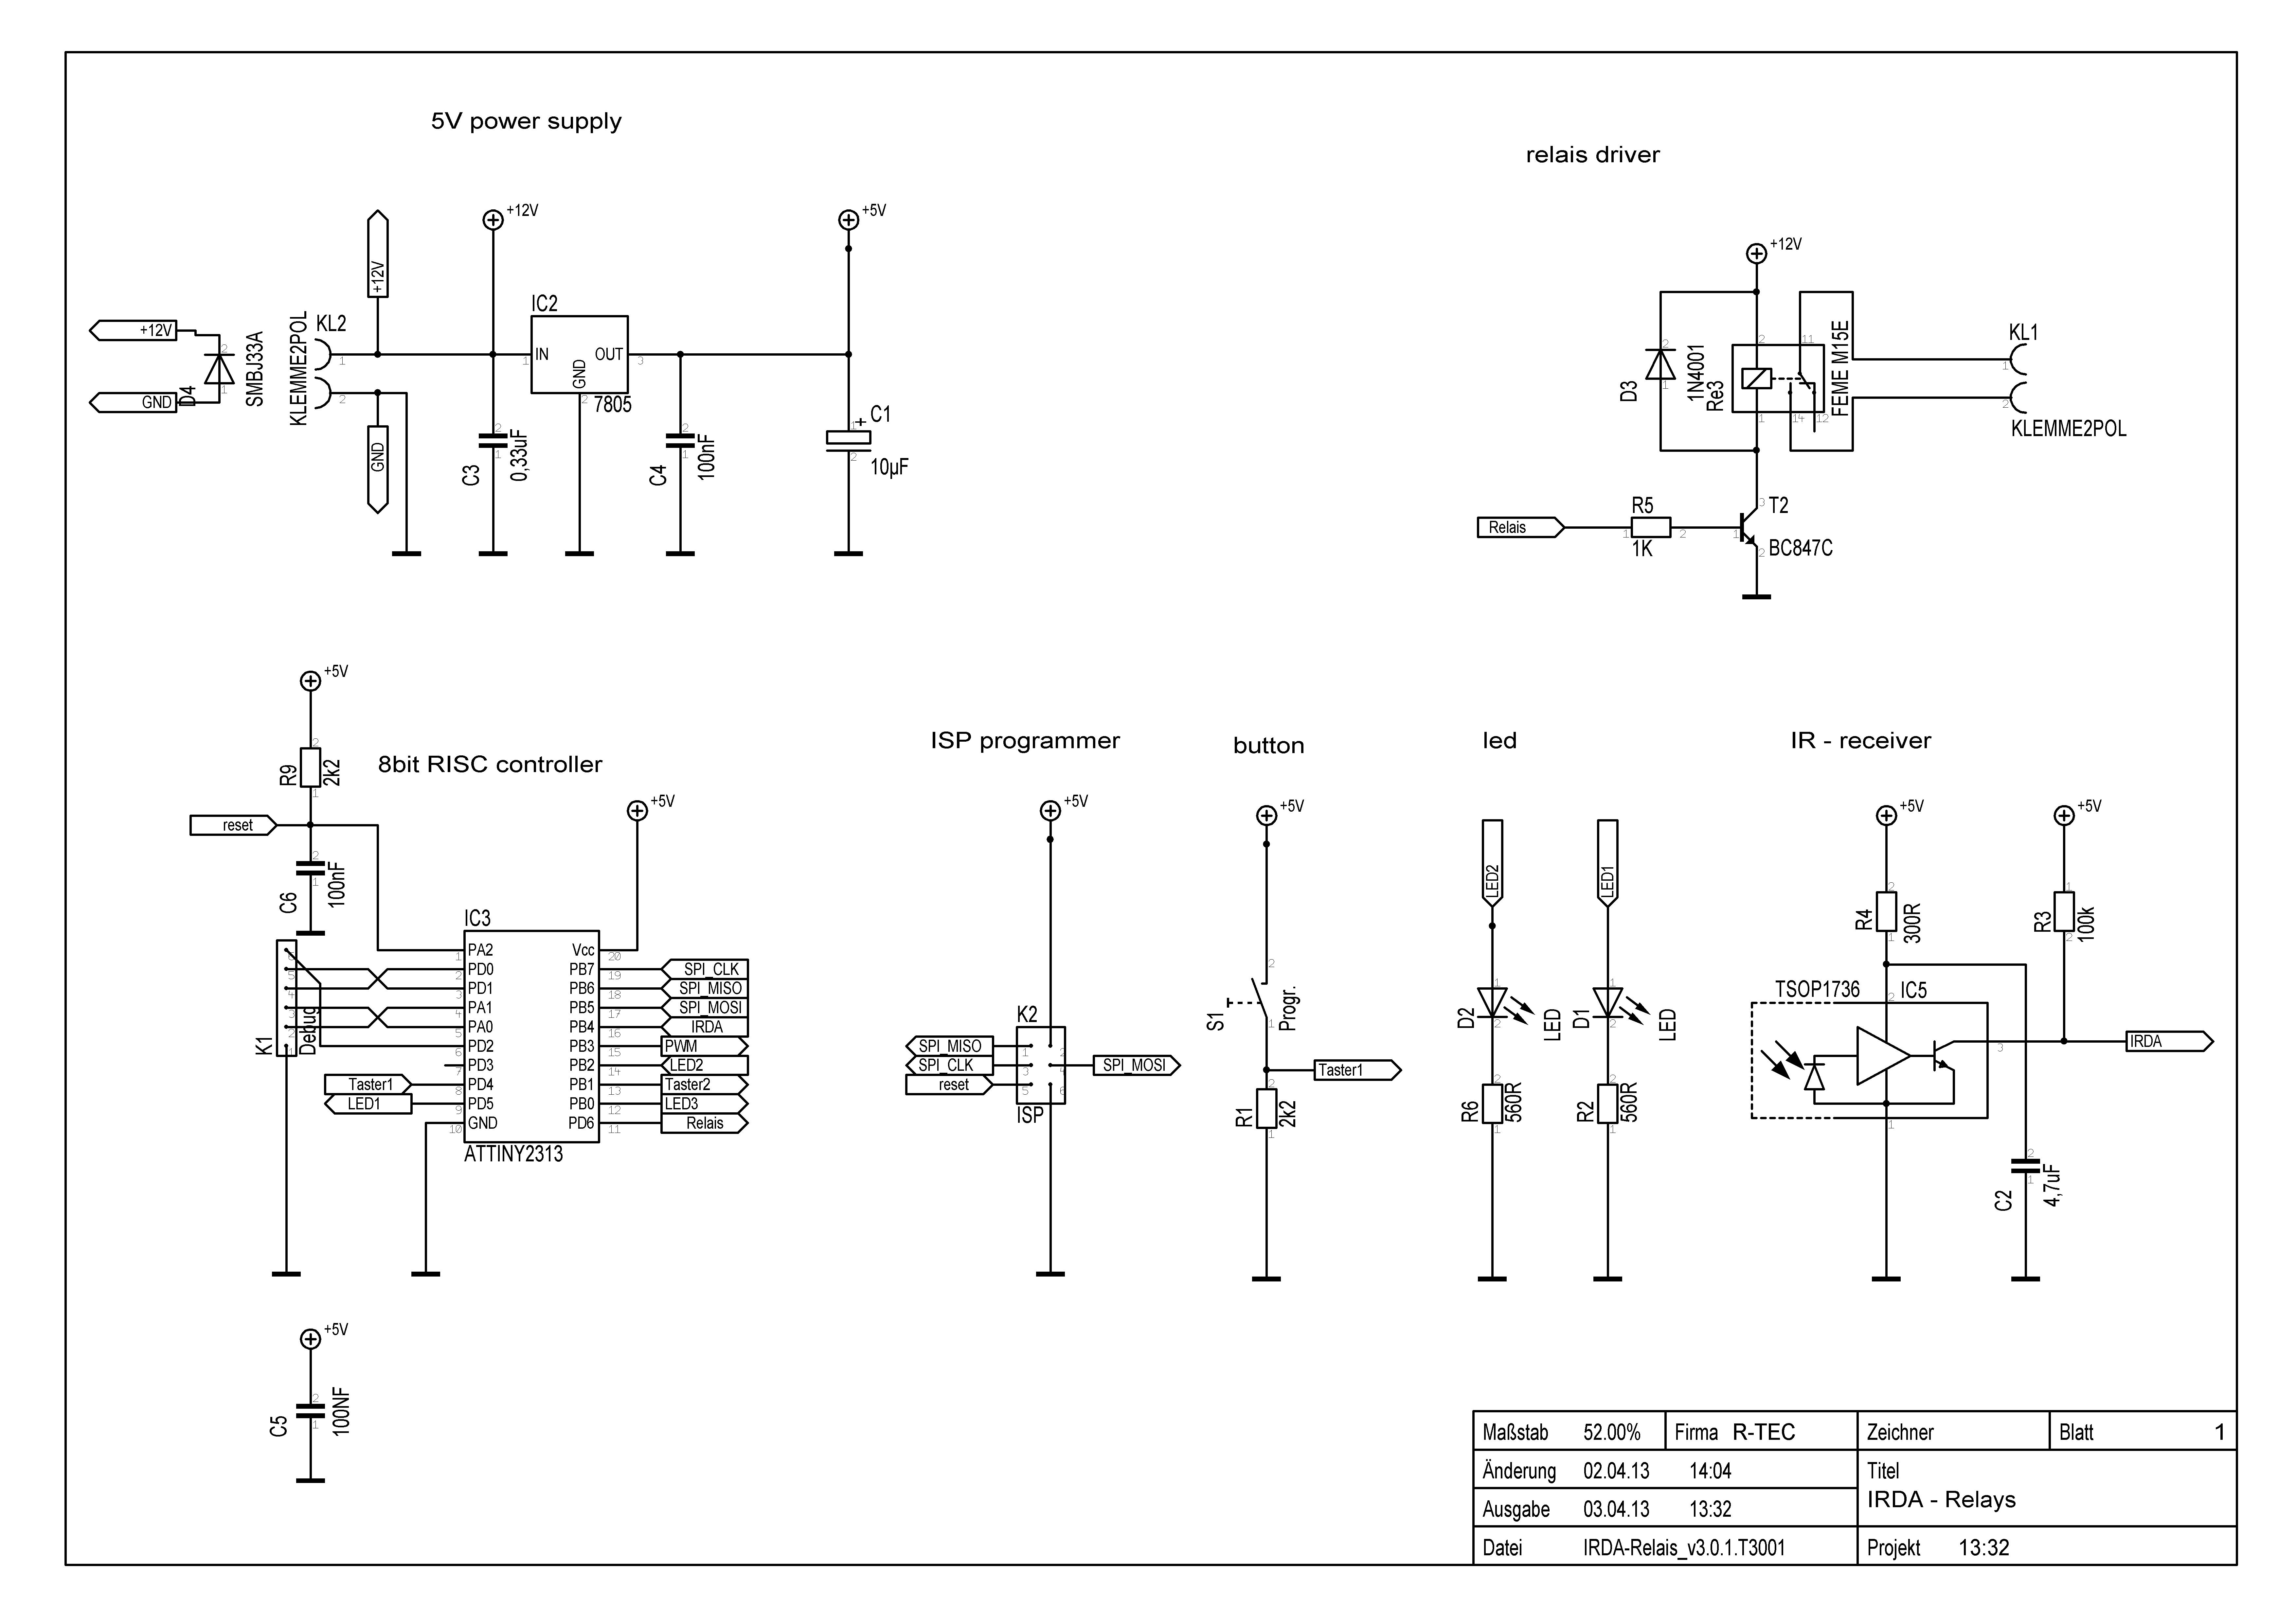 Irda V30 Infrared Switch Led Dimmer R Tec 7805 Schema Schematic